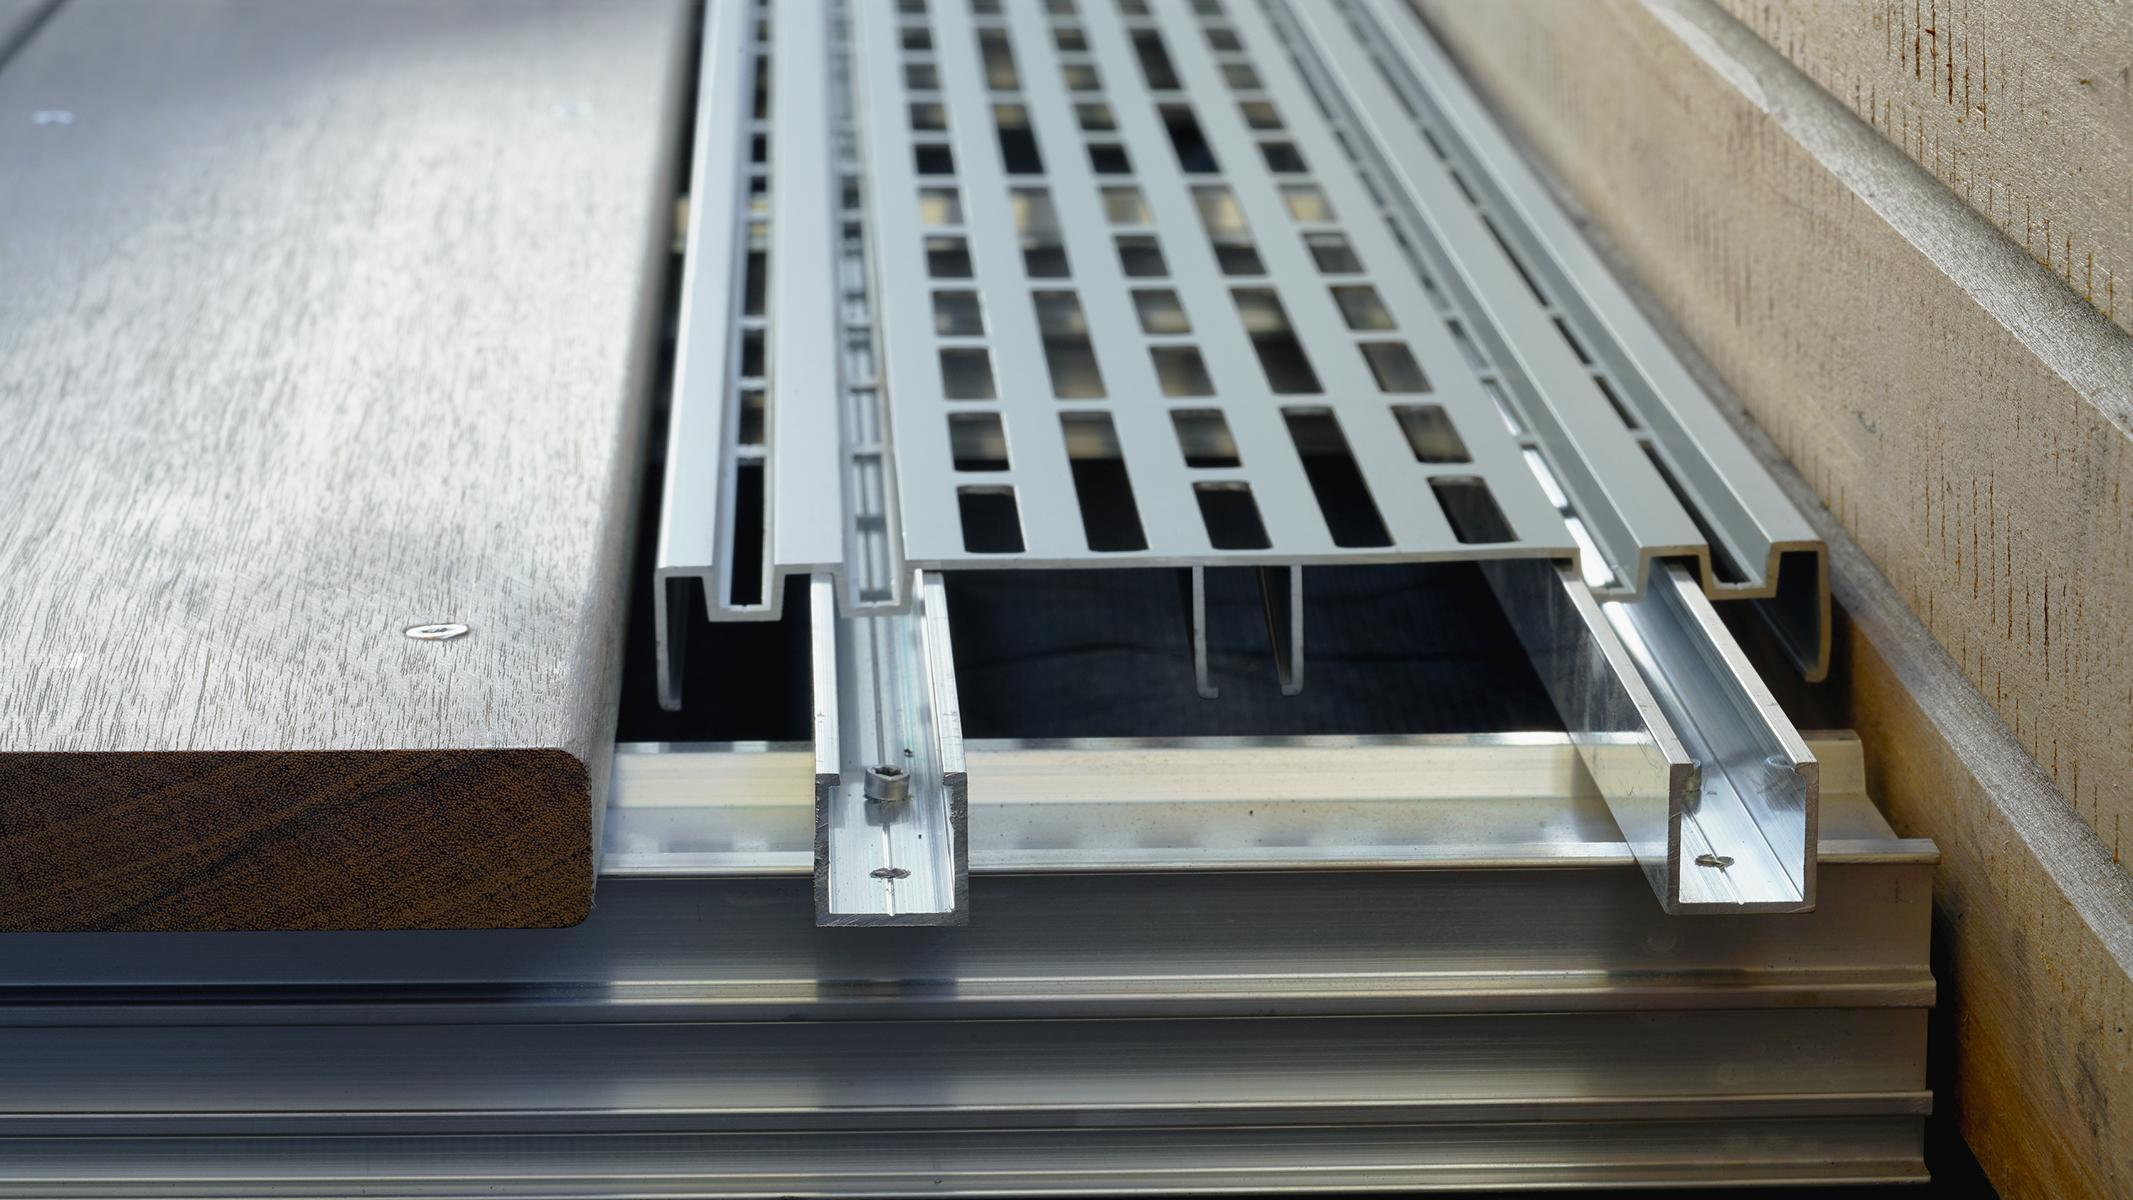 Ventilationsprofil RELO V für für die Belüftung von Terrassen